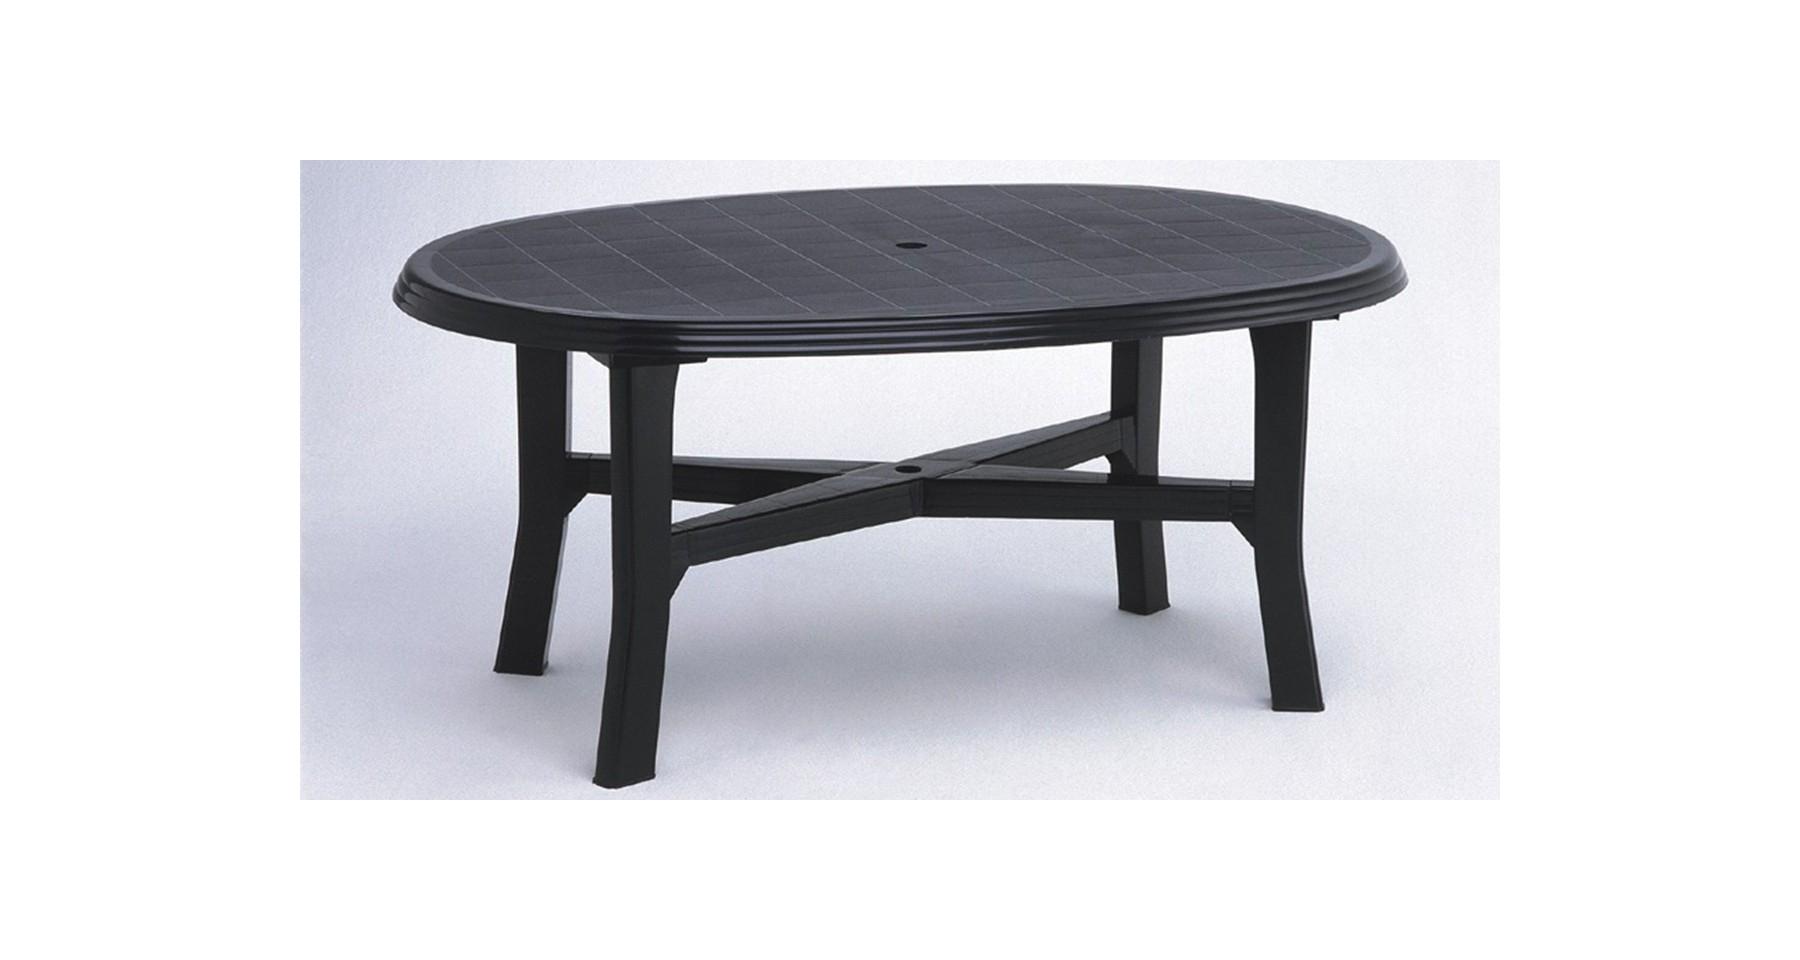 Table De Jardin Gris Anthracite Ovale En Résine Plastique 6 0 8 Personnes  Load encequiconcerne Table Jardin 6 Personnes